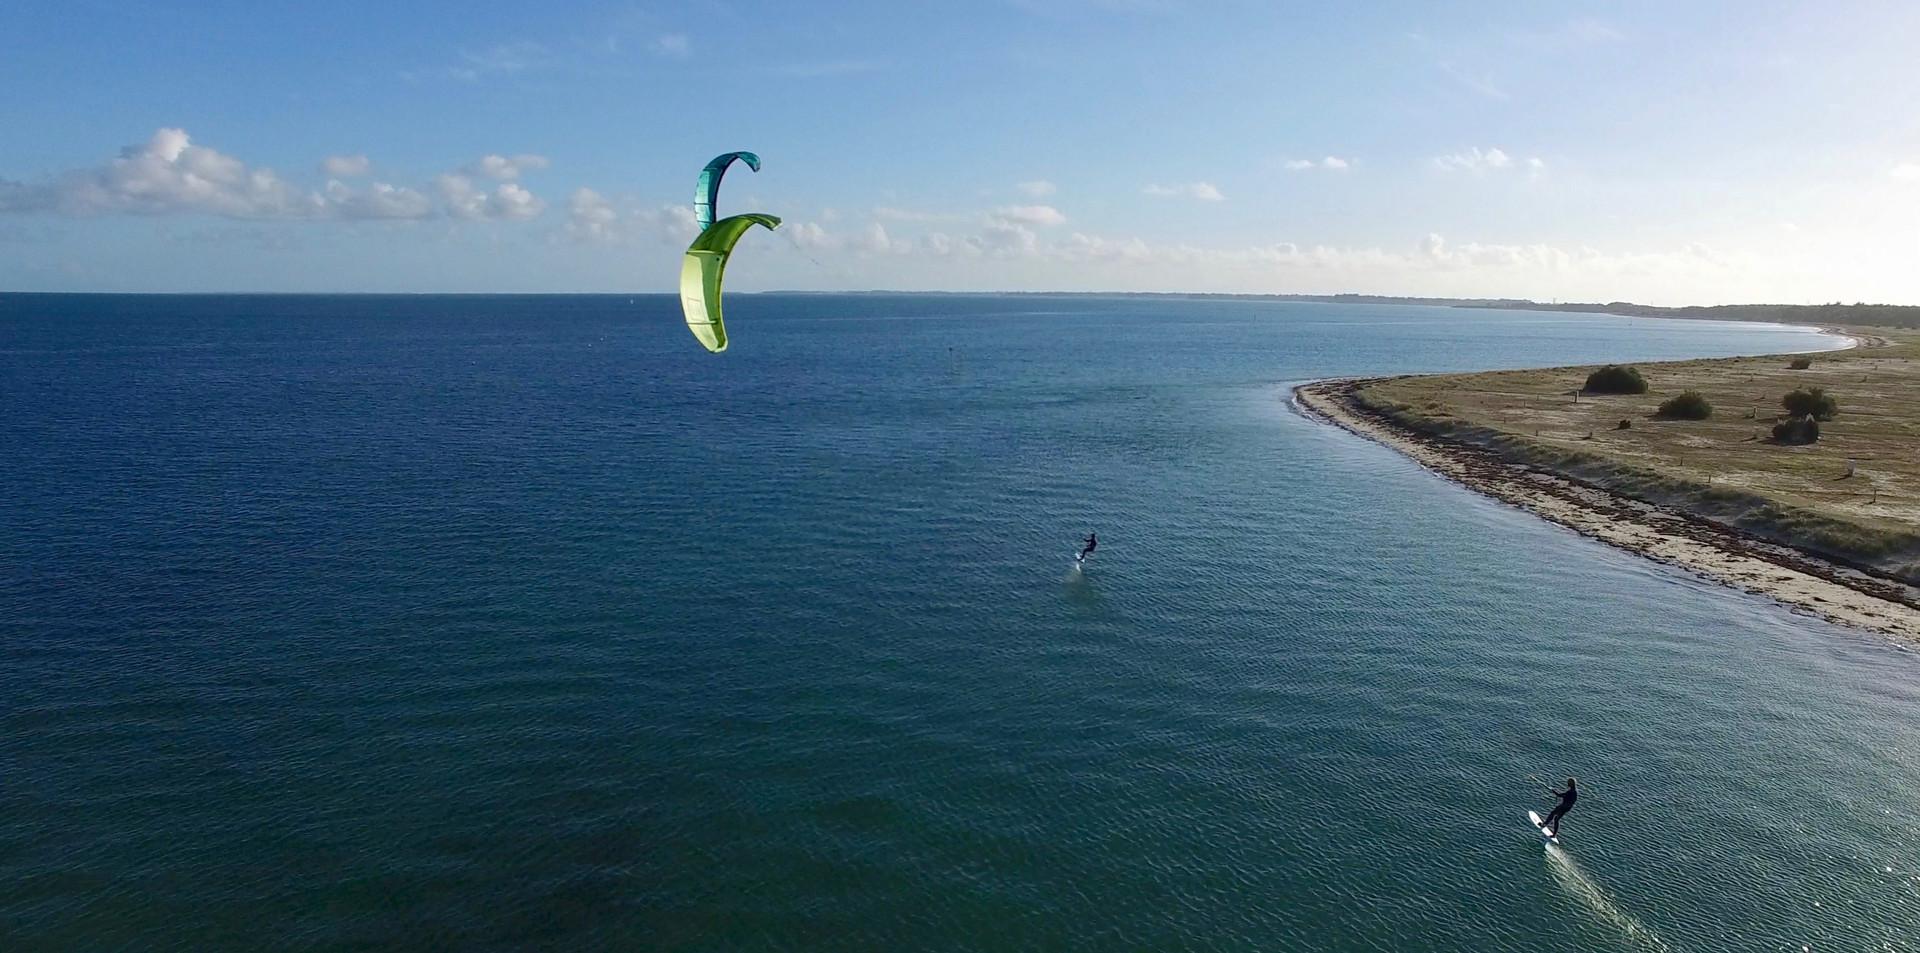 FlyUp Drone-Kitesurf dans la Baie de Quieron